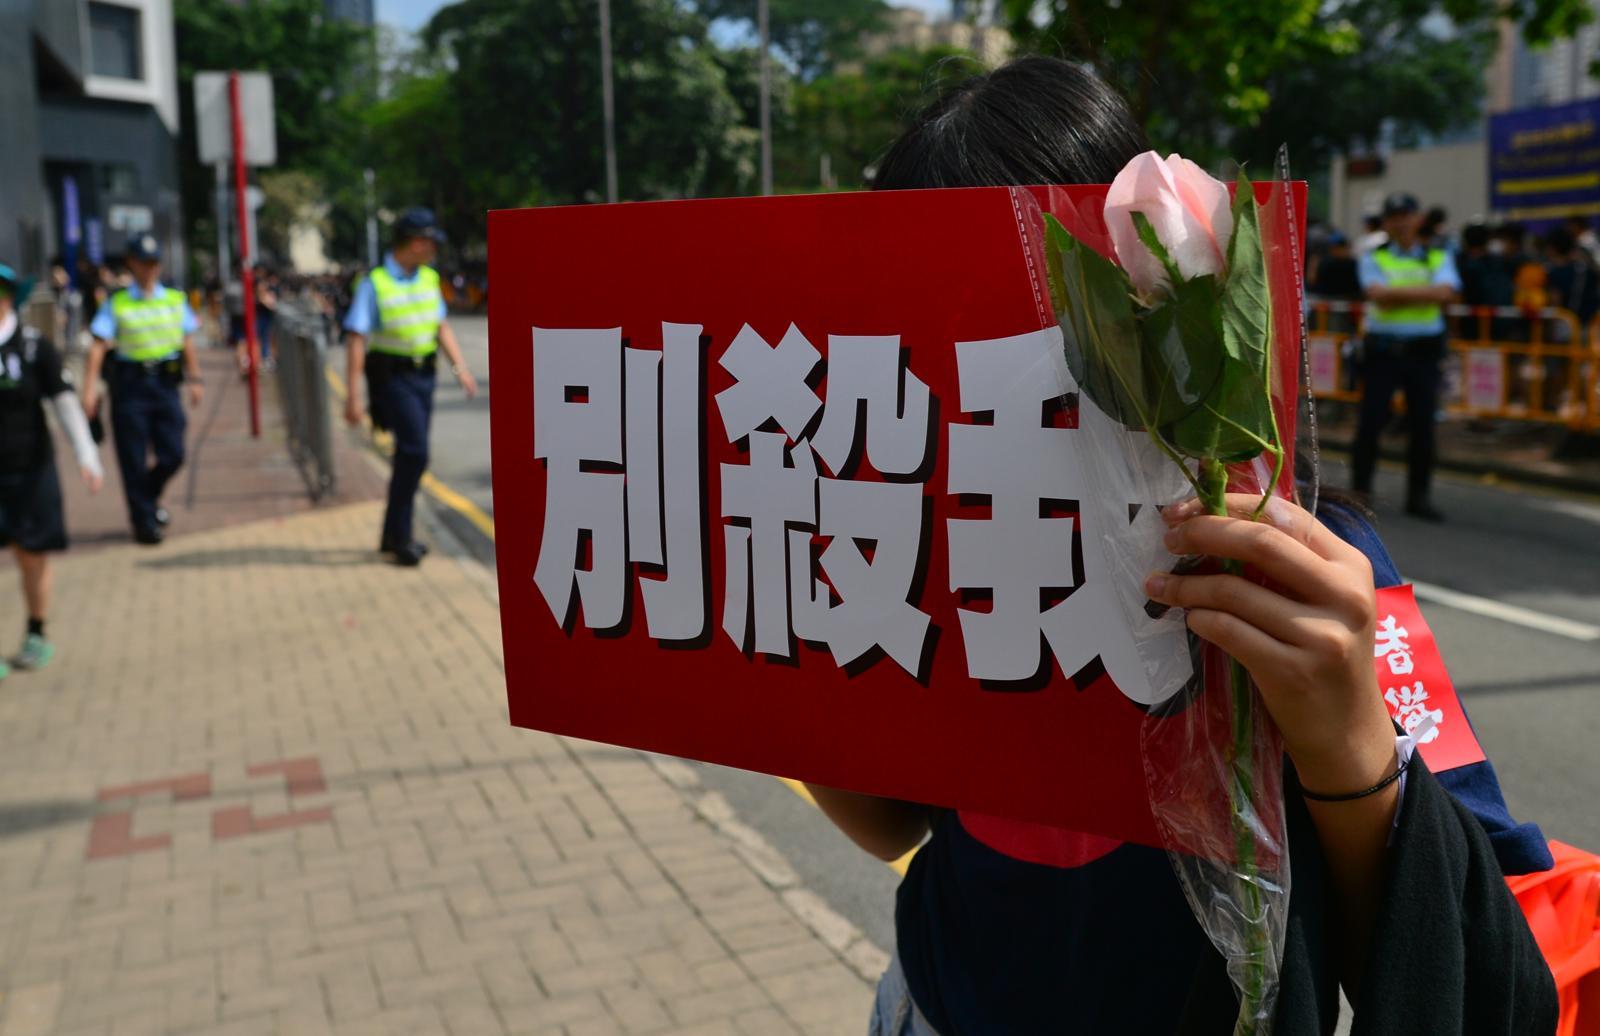 遊行人士舉出標語要求警方促停止使用武力。